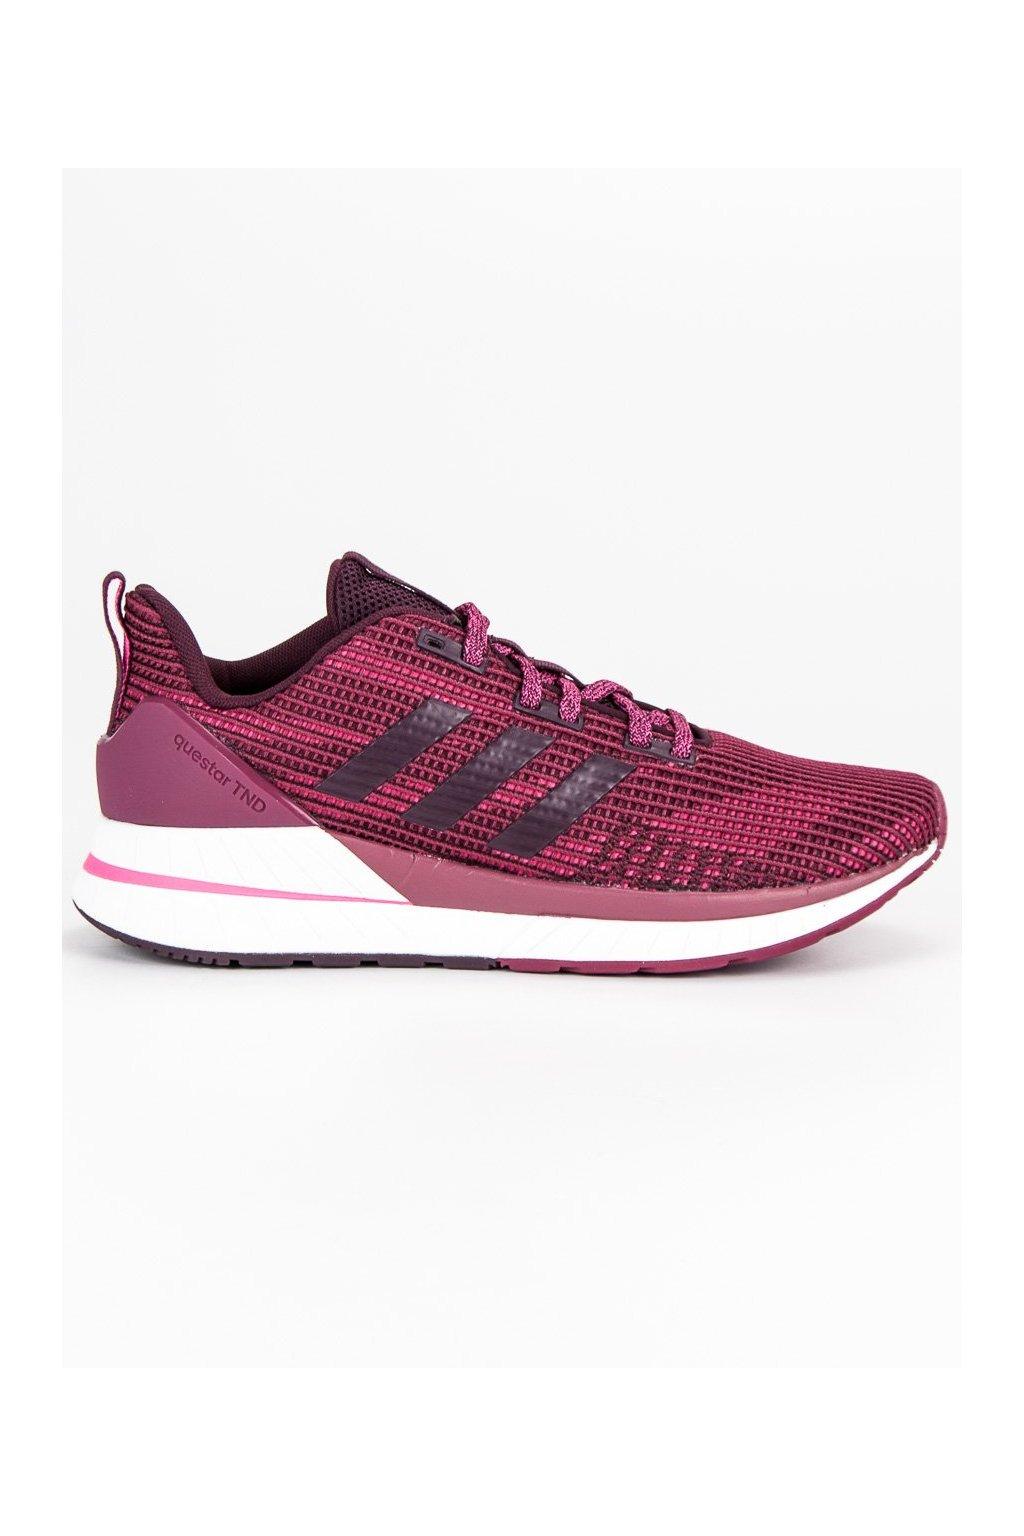 Dámske ružové tenisky ADIDAS QUESTAR TND BB7753